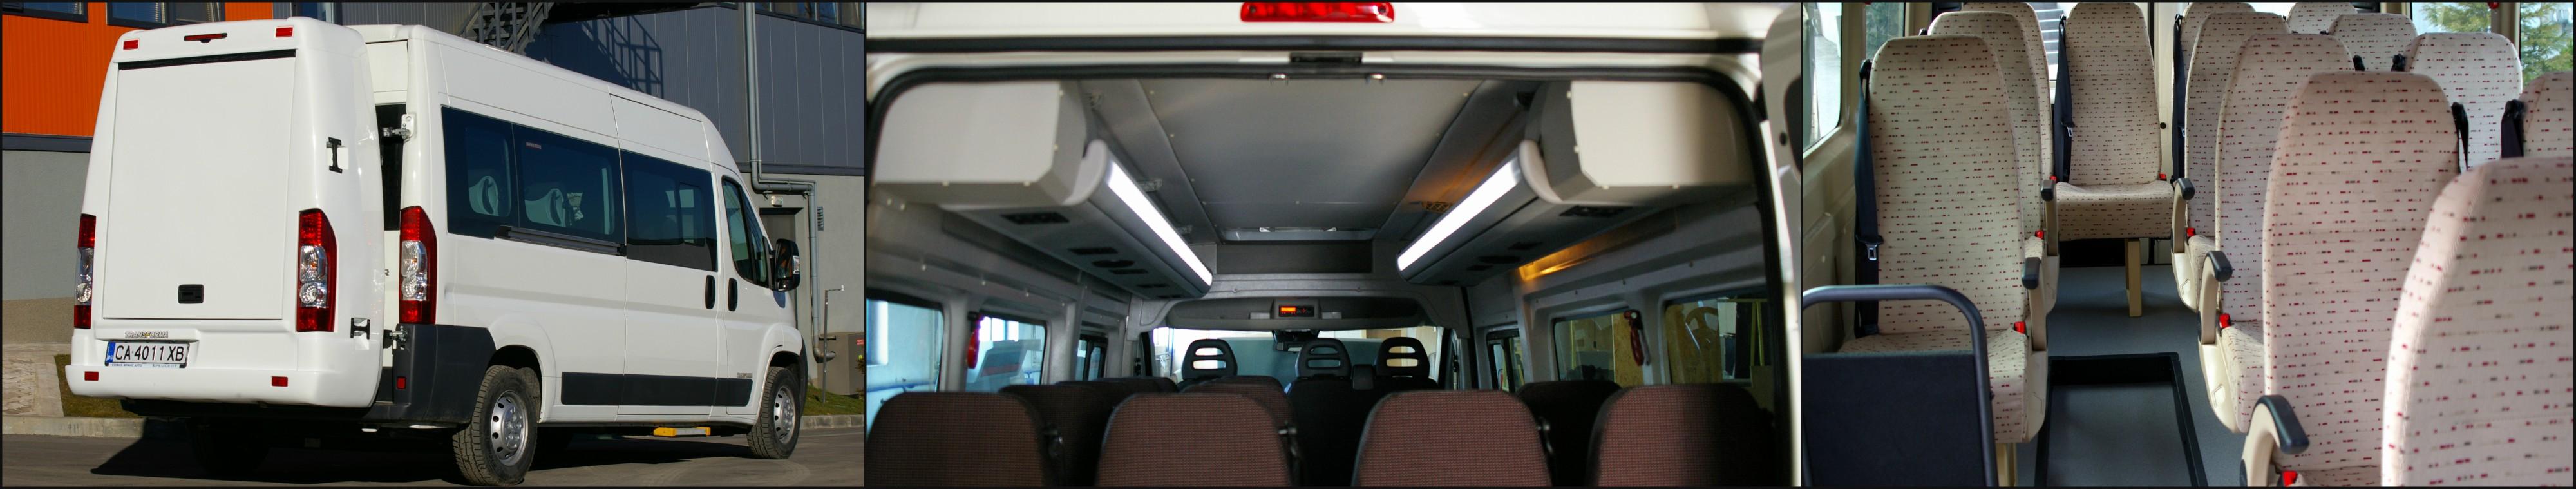 туристически автобус 2